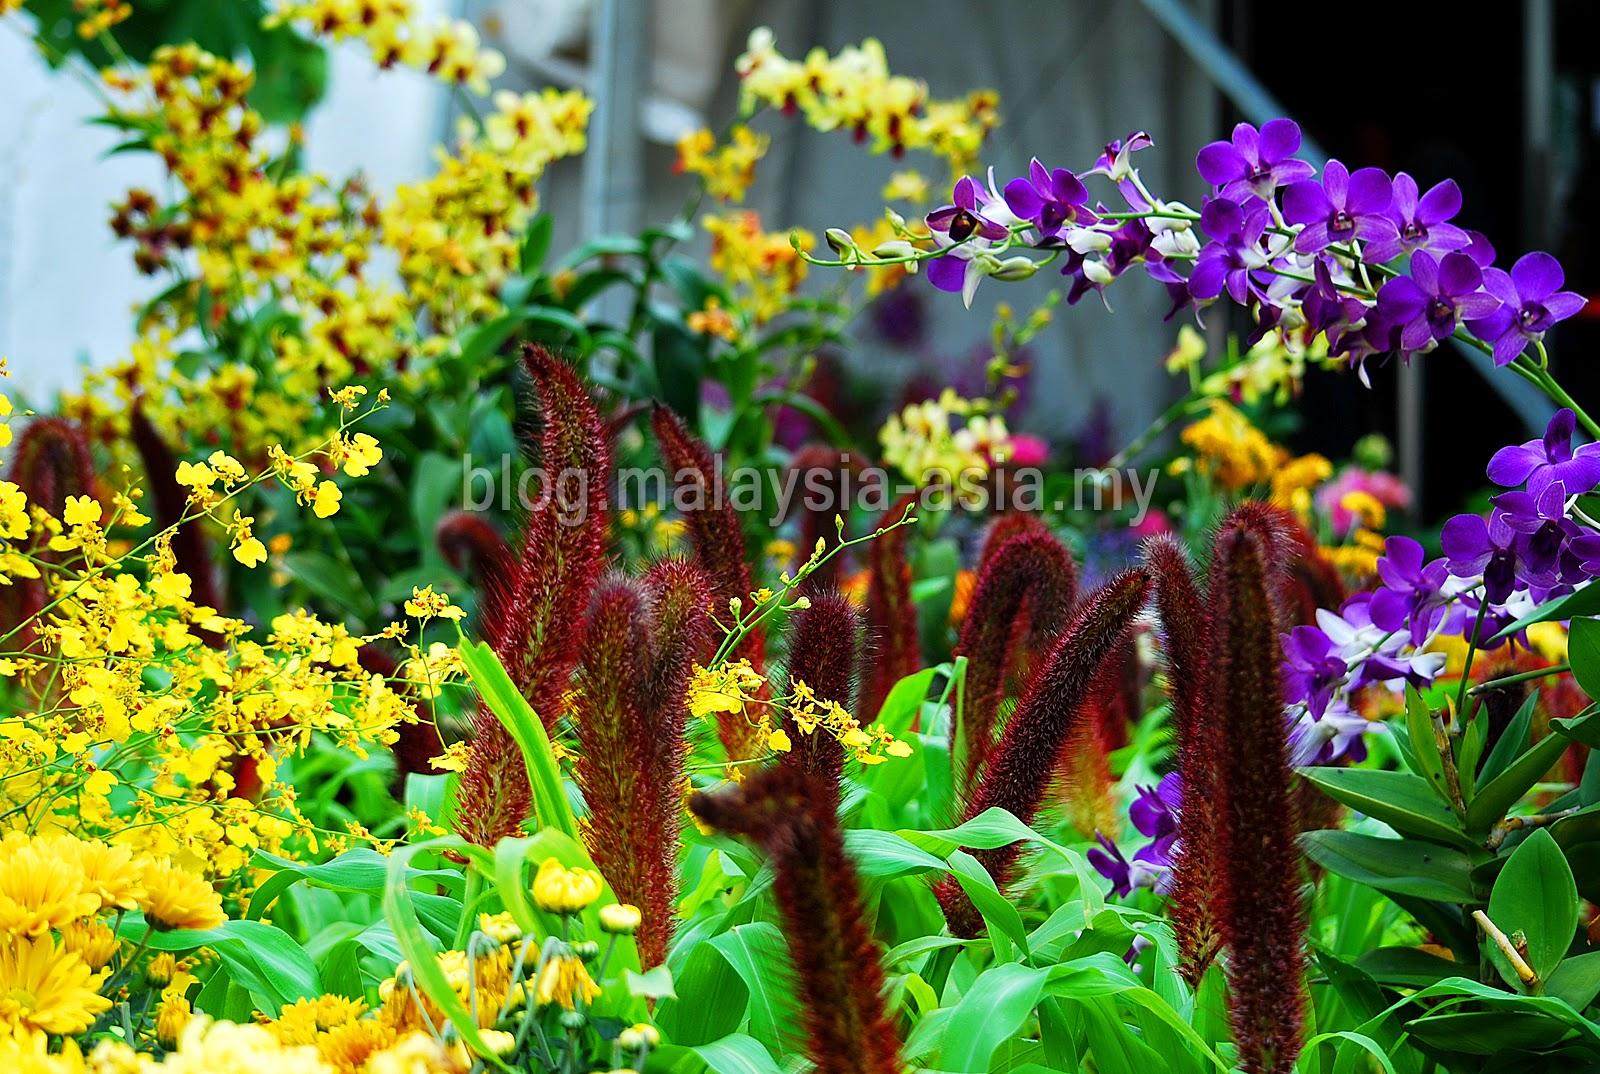 Penang Flower Festival 2015